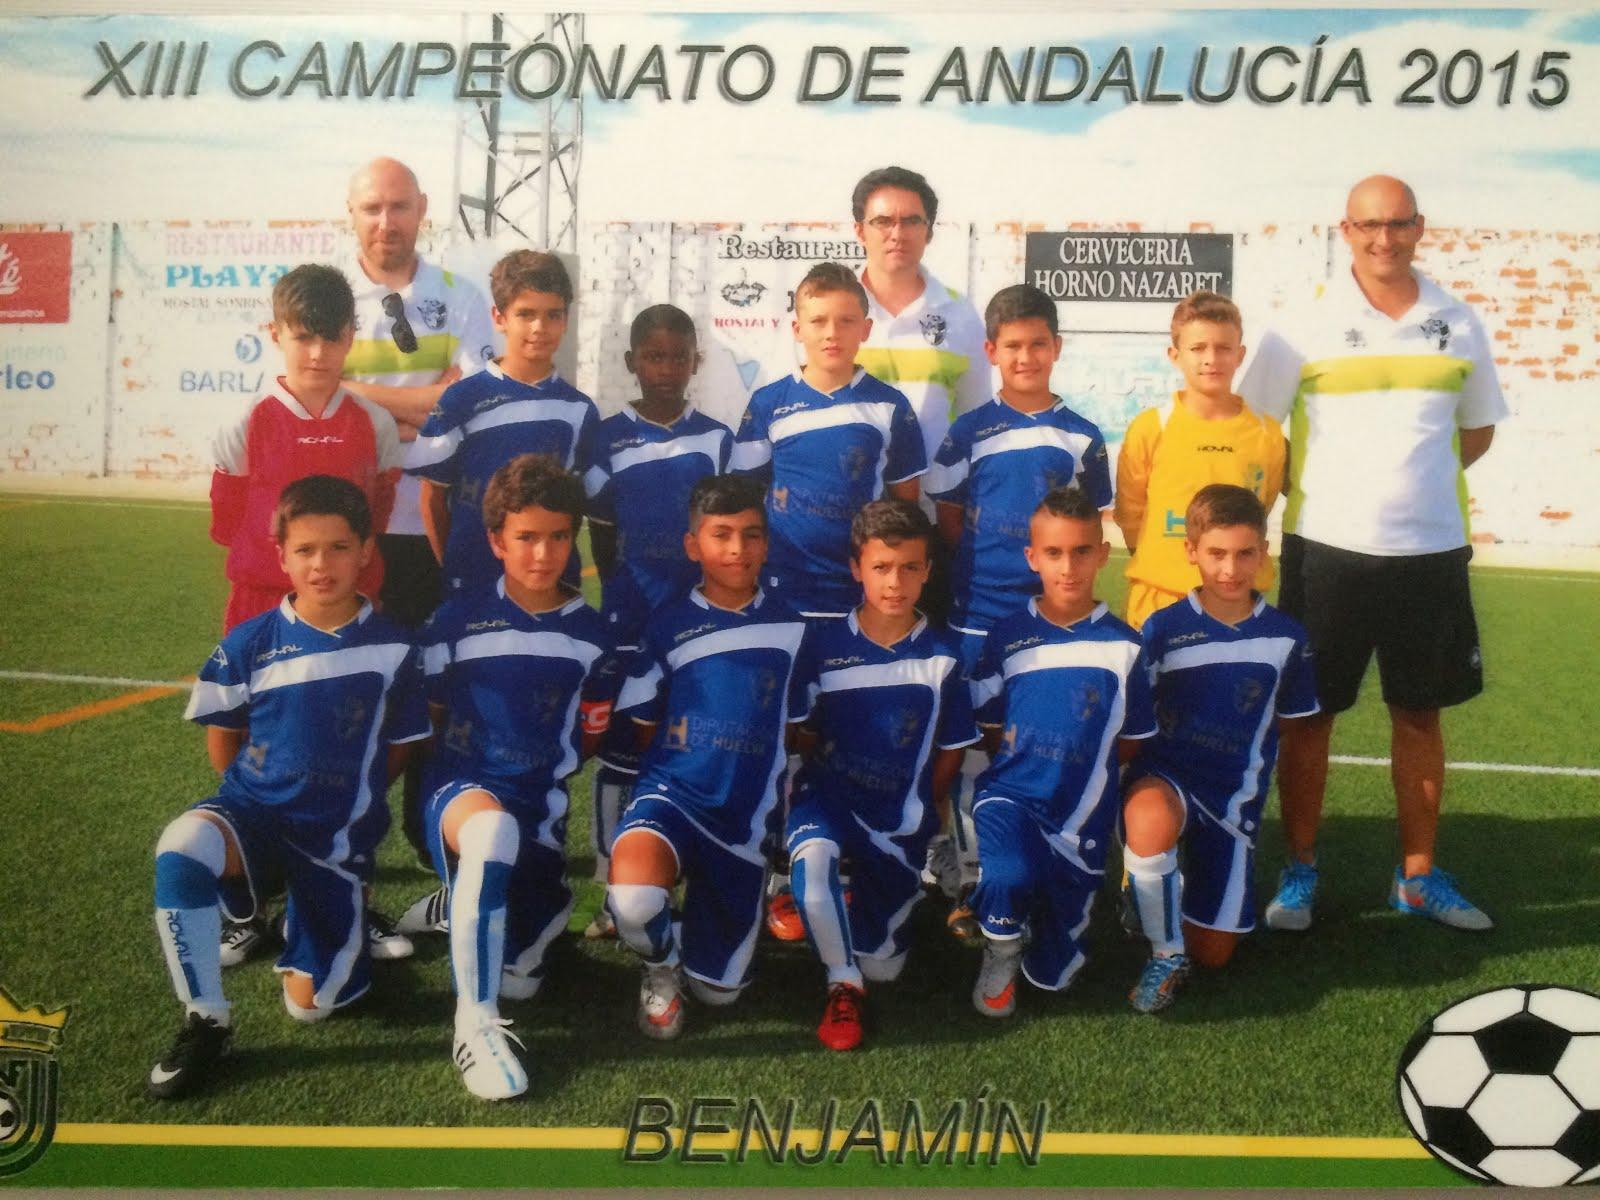 Selección Provincial de Huelva Benjamín